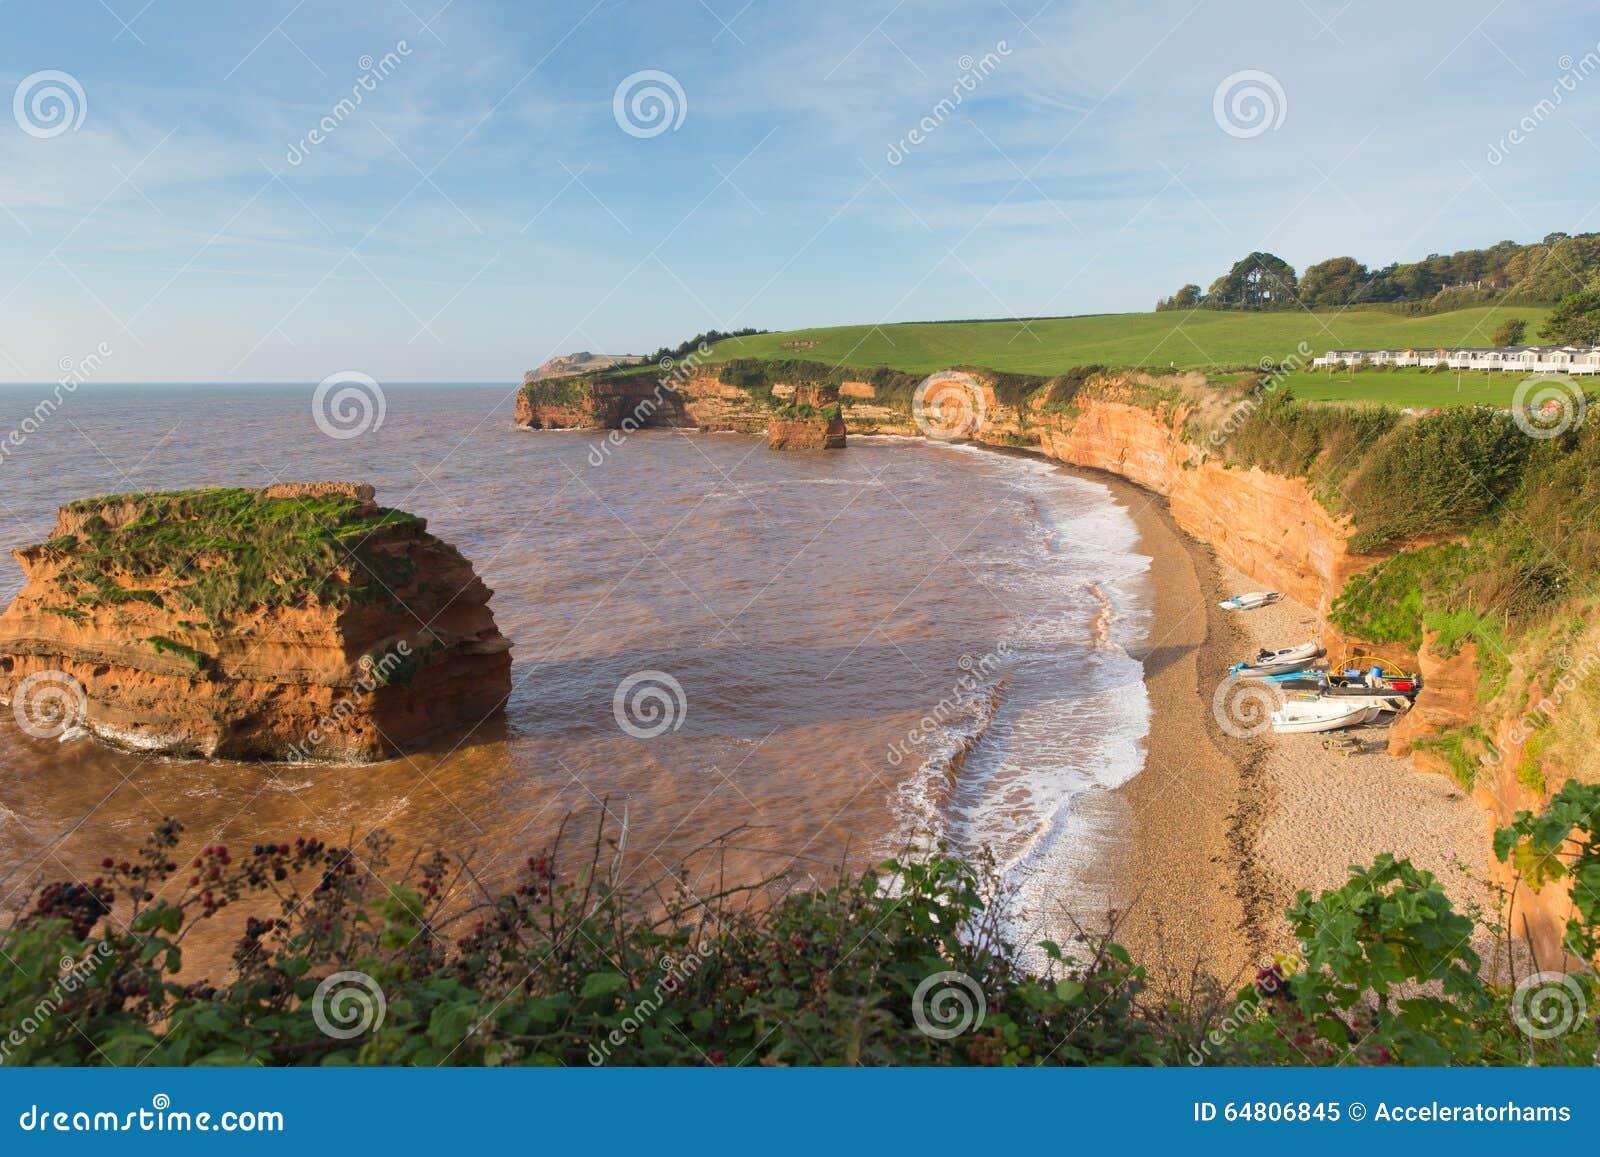 Залив Девон Англия Великобритания Ladram при стог утеса красного песчаника расположенный между Budleigh Salterton и Sidmouth